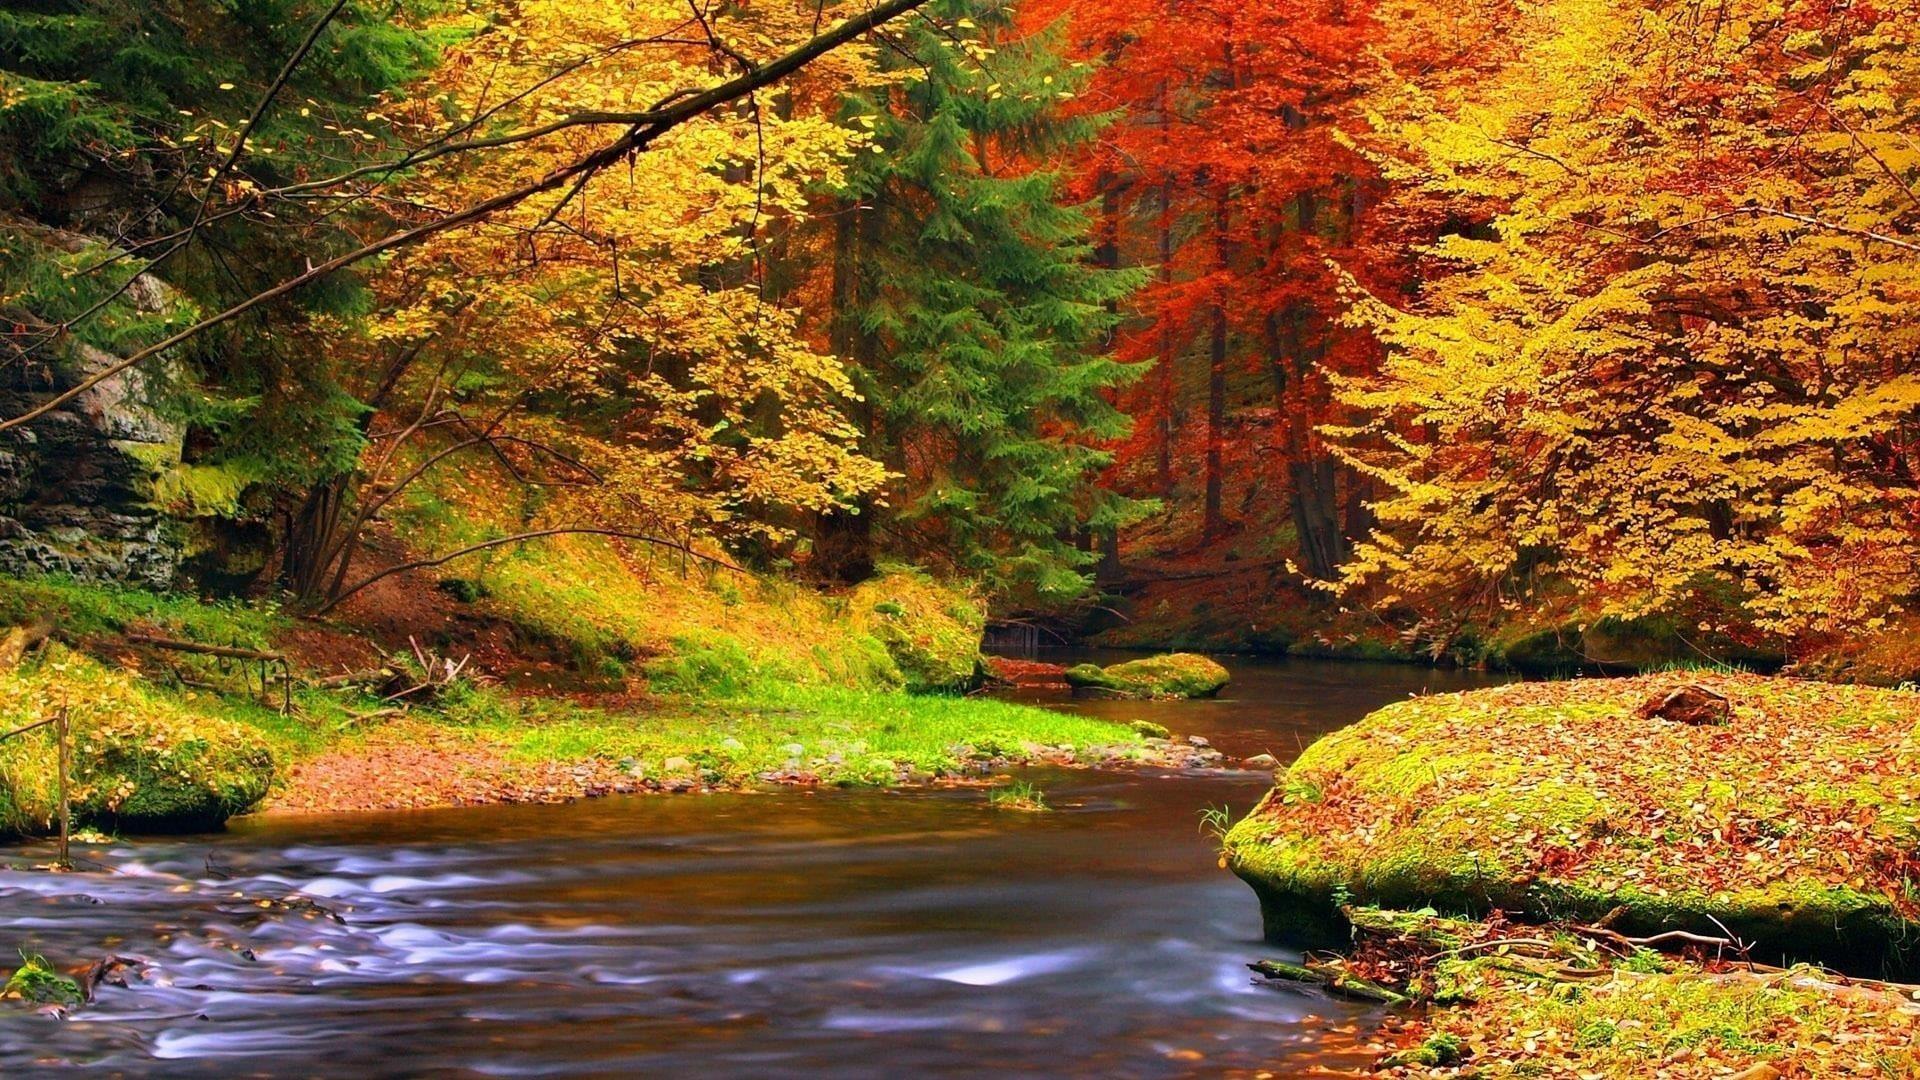 Река между красочными осенними листьями лесных деревьев в дневное время природа обои скачать